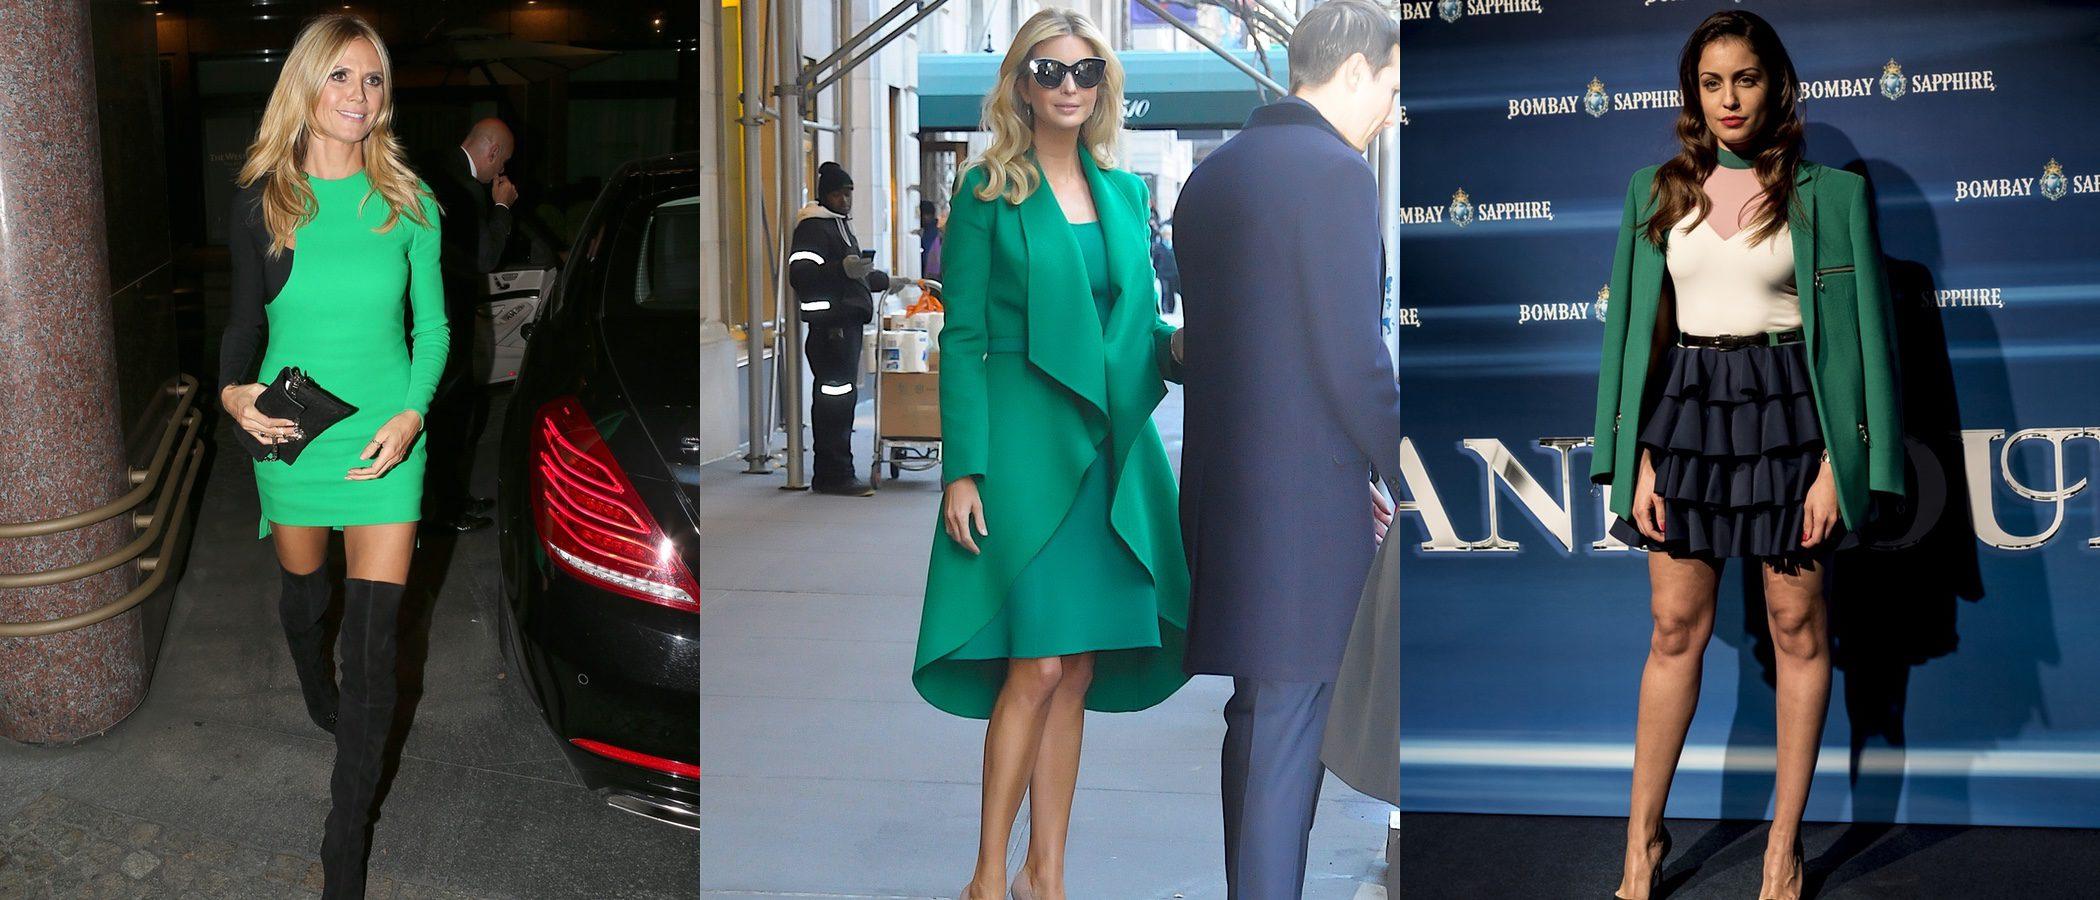 Las celebrities apuestan por color del año: así les sienta el verde 'greenery'